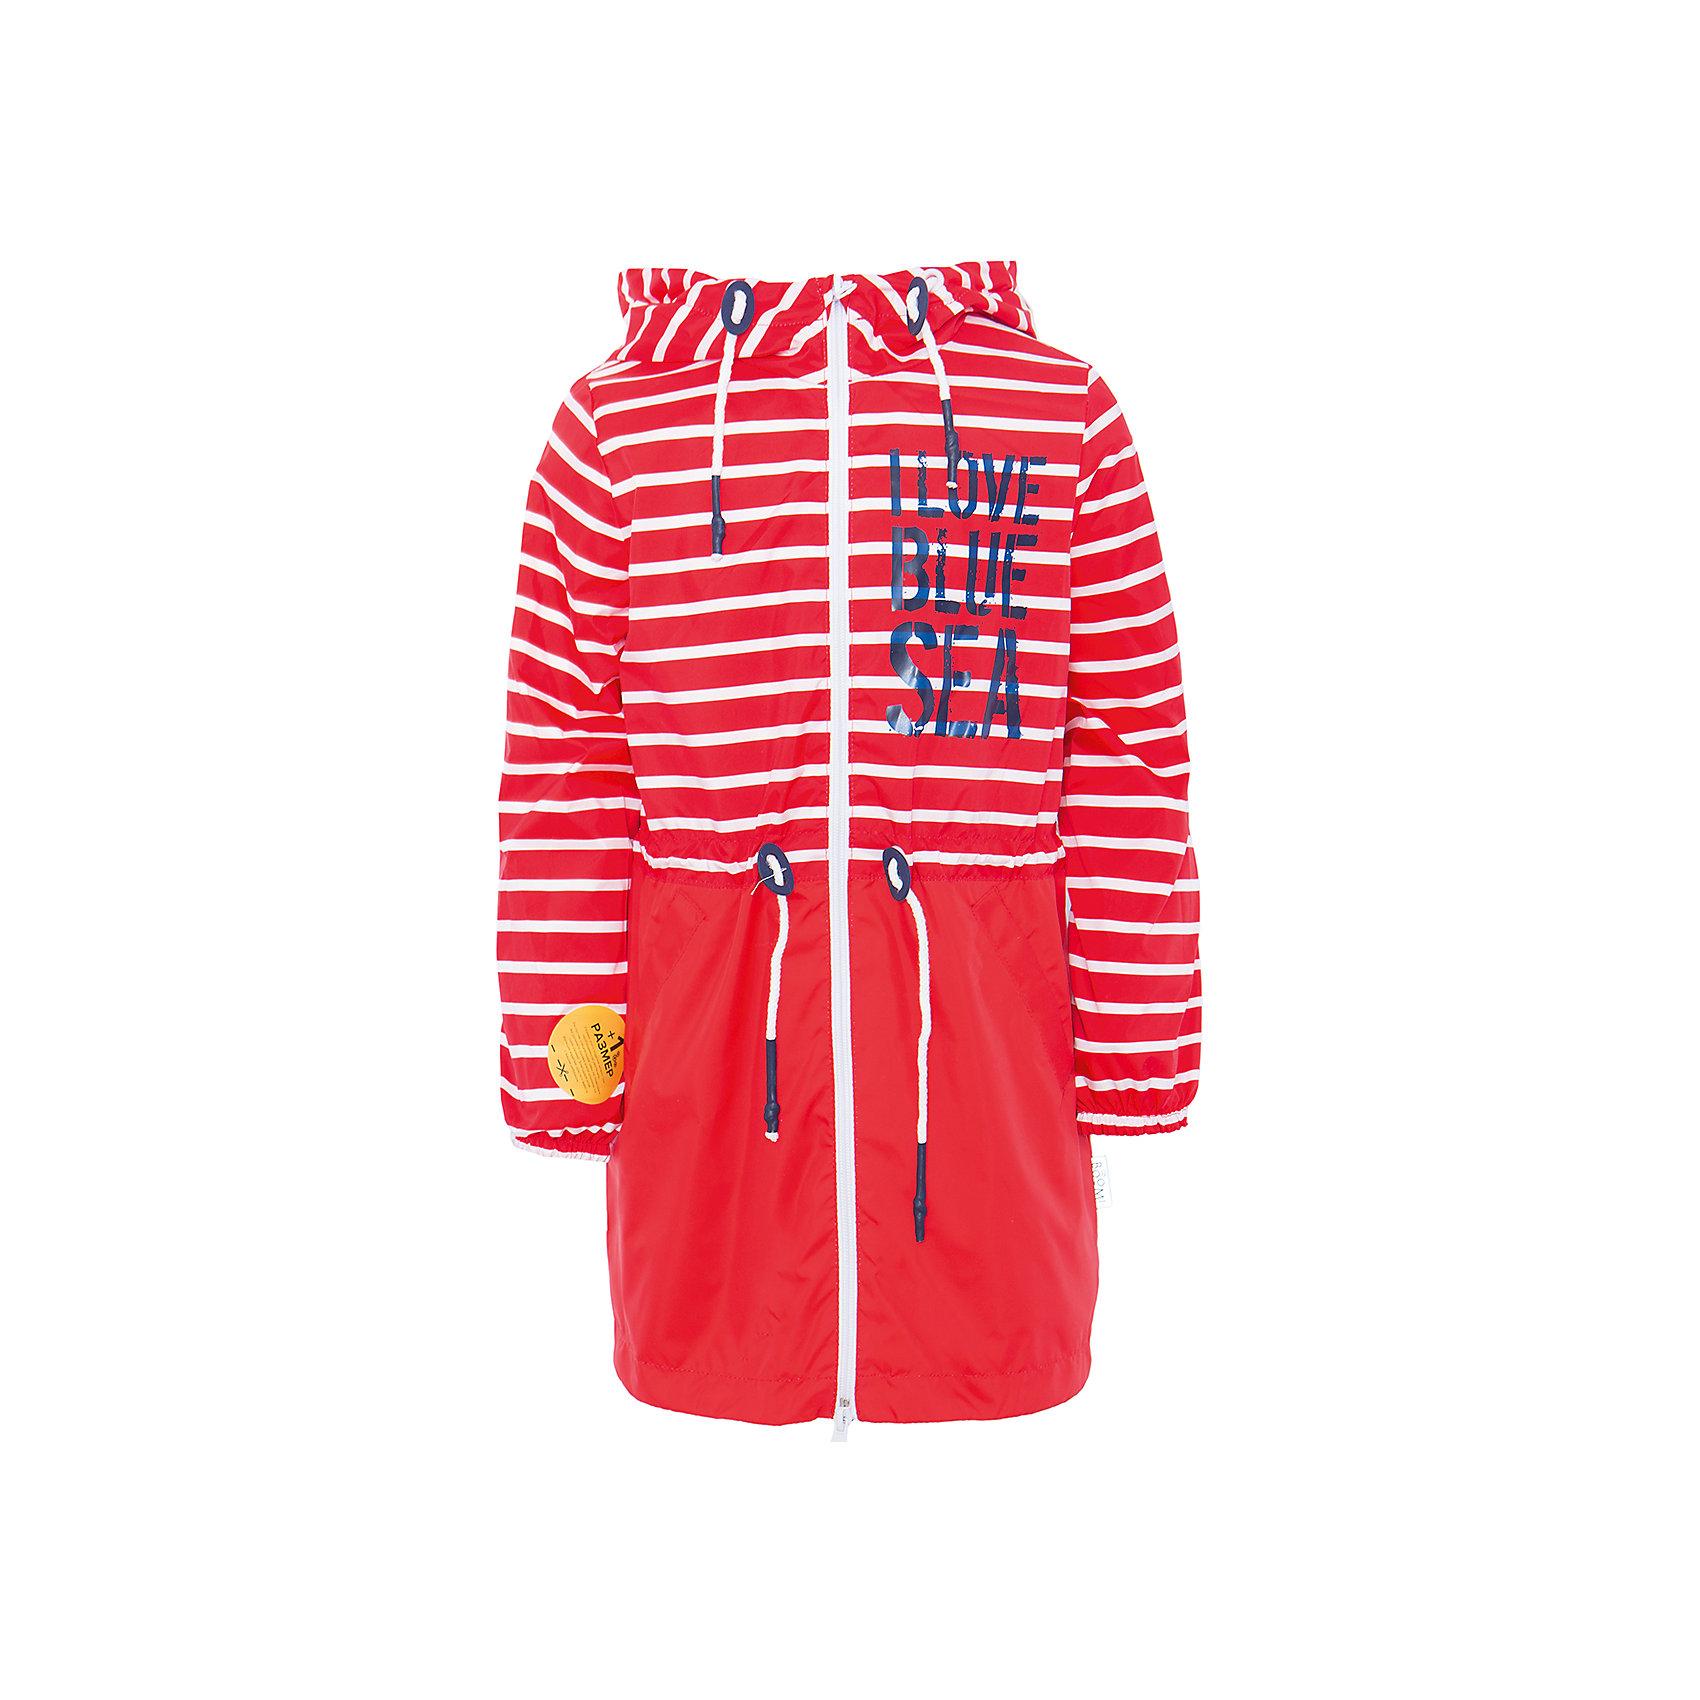 Плащ для девочки BOOM by OrbyВерхняя одежда<br>Характеристики товара:<br><br>• цвет: красный<br>• состав: верх - таффета, подкладка - полиэстер, флис, без утеплителя<br>• температурный режим: от +7°до +15°С<br>• демисезон<br>• капюшон<br>• застежка - молния<br>• декорирован принт<br>• утяжка в капюшоне<br>• шнурок в поясе<br>• комфортная посадка<br>• страна производства: Российская Федерация<br>• страна бренда: Российская Федерация<br>• коллекция: весна-лето 2017<br><br>Такой плащ - универсальный вариант для теплого межсезонья с постоянно меняющейся погодой. Эта модель - модная и удобная одновременно! Изделие отличается стильным ярким дизайном. Плащ хорошо сидит по фигуре, отлично сочетается с различным низом. Вещь была разработана специально для детей.<br><br>Одежда от российского бренда BOOM by Orby уже завоевала популярностью у многих детей и их родителей. Вещи, выпускаемые компанией, качественные, продуманные и очень удобные. Для производства коллекций используются только безопасные для детей материалы. Спешите приобрести модели из новой коллекции Весна-лето 2017!<br><br>Плащ для девочки от бренда BOOM by Orby можно купить в нашем интернет-магазине.<br><br>Ширина мм: 356<br>Глубина мм: 10<br>Высота мм: 245<br>Вес г: 519<br>Цвет: красный<br>Возраст от месяцев: 18<br>Возраст до месяцев: 24<br>Пол: Женский<br>Возраст: Детский<br>Размер: 92,122,128,134,140,146,158,152,104,110,98,116<br>SKU: 5343864